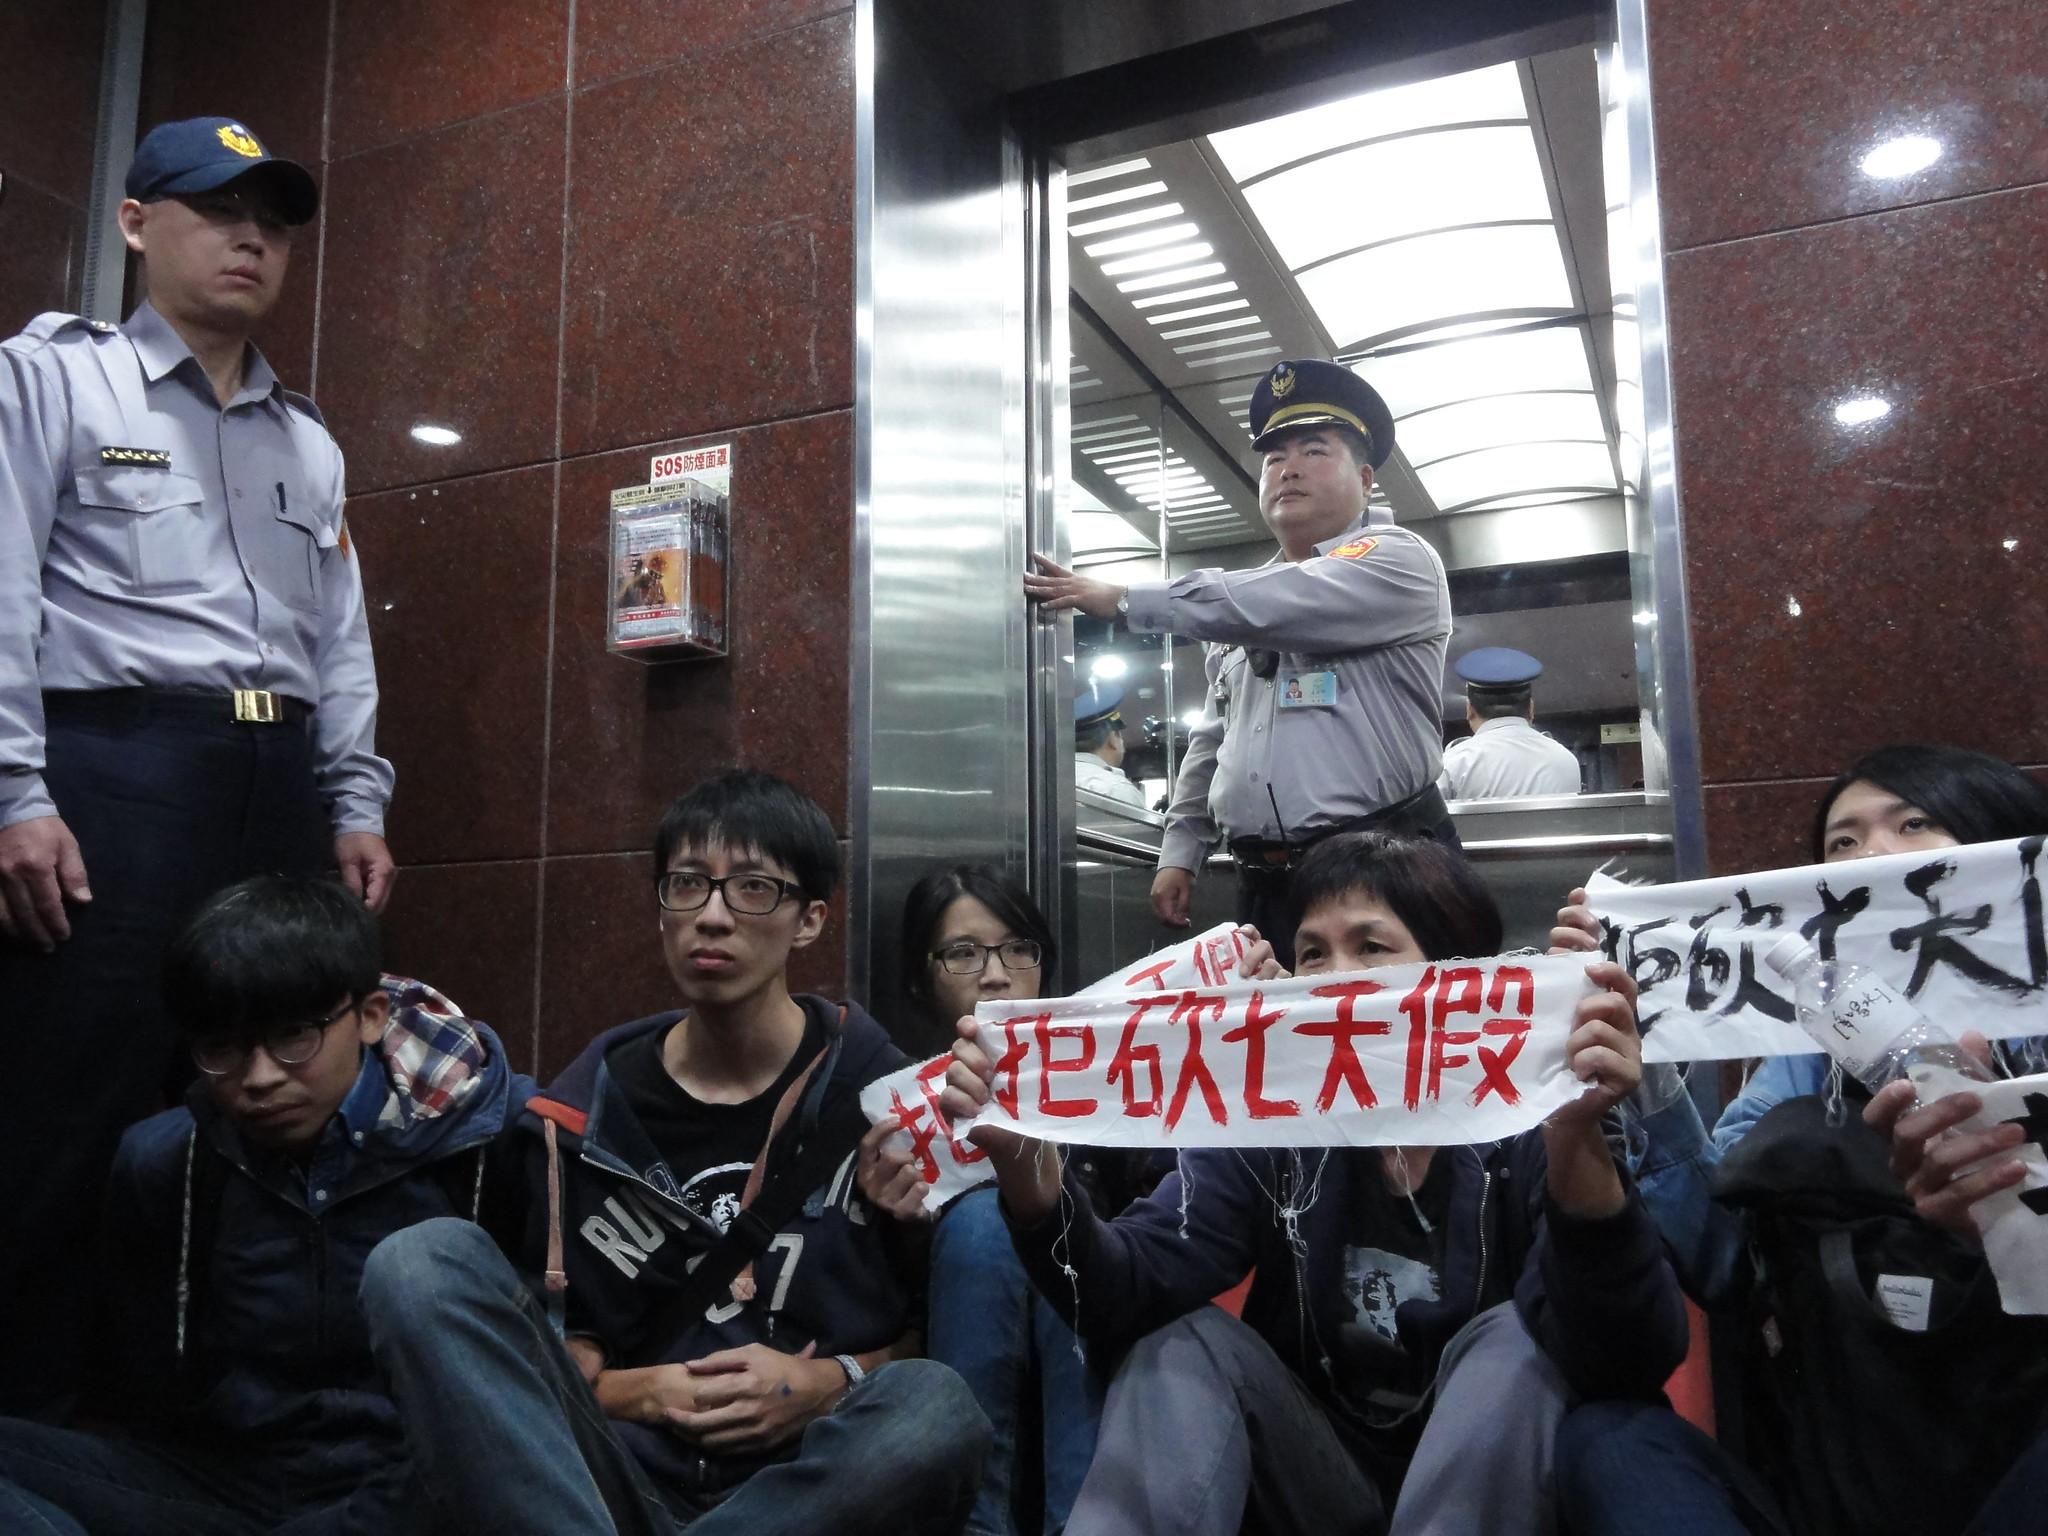 勞團堵住電梯門口,欲阻擋陳瑩離去。(攝影:張智琦)